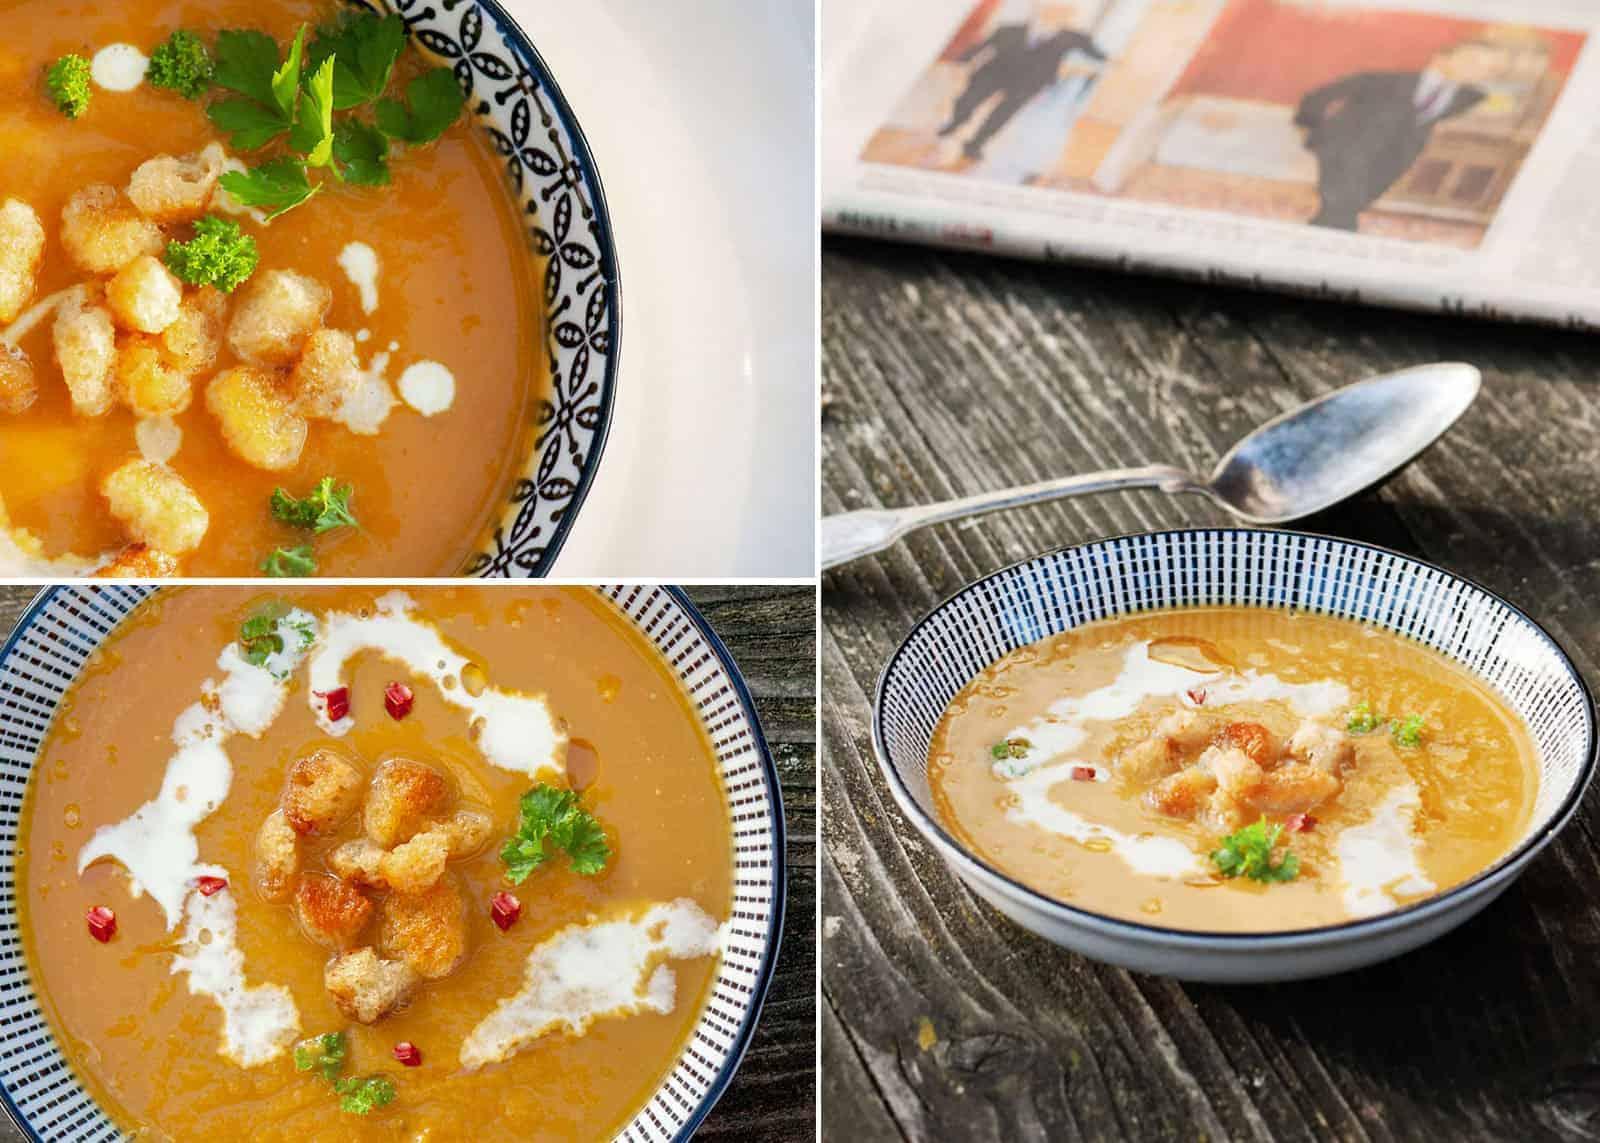 Maroni Kürbis Suppe